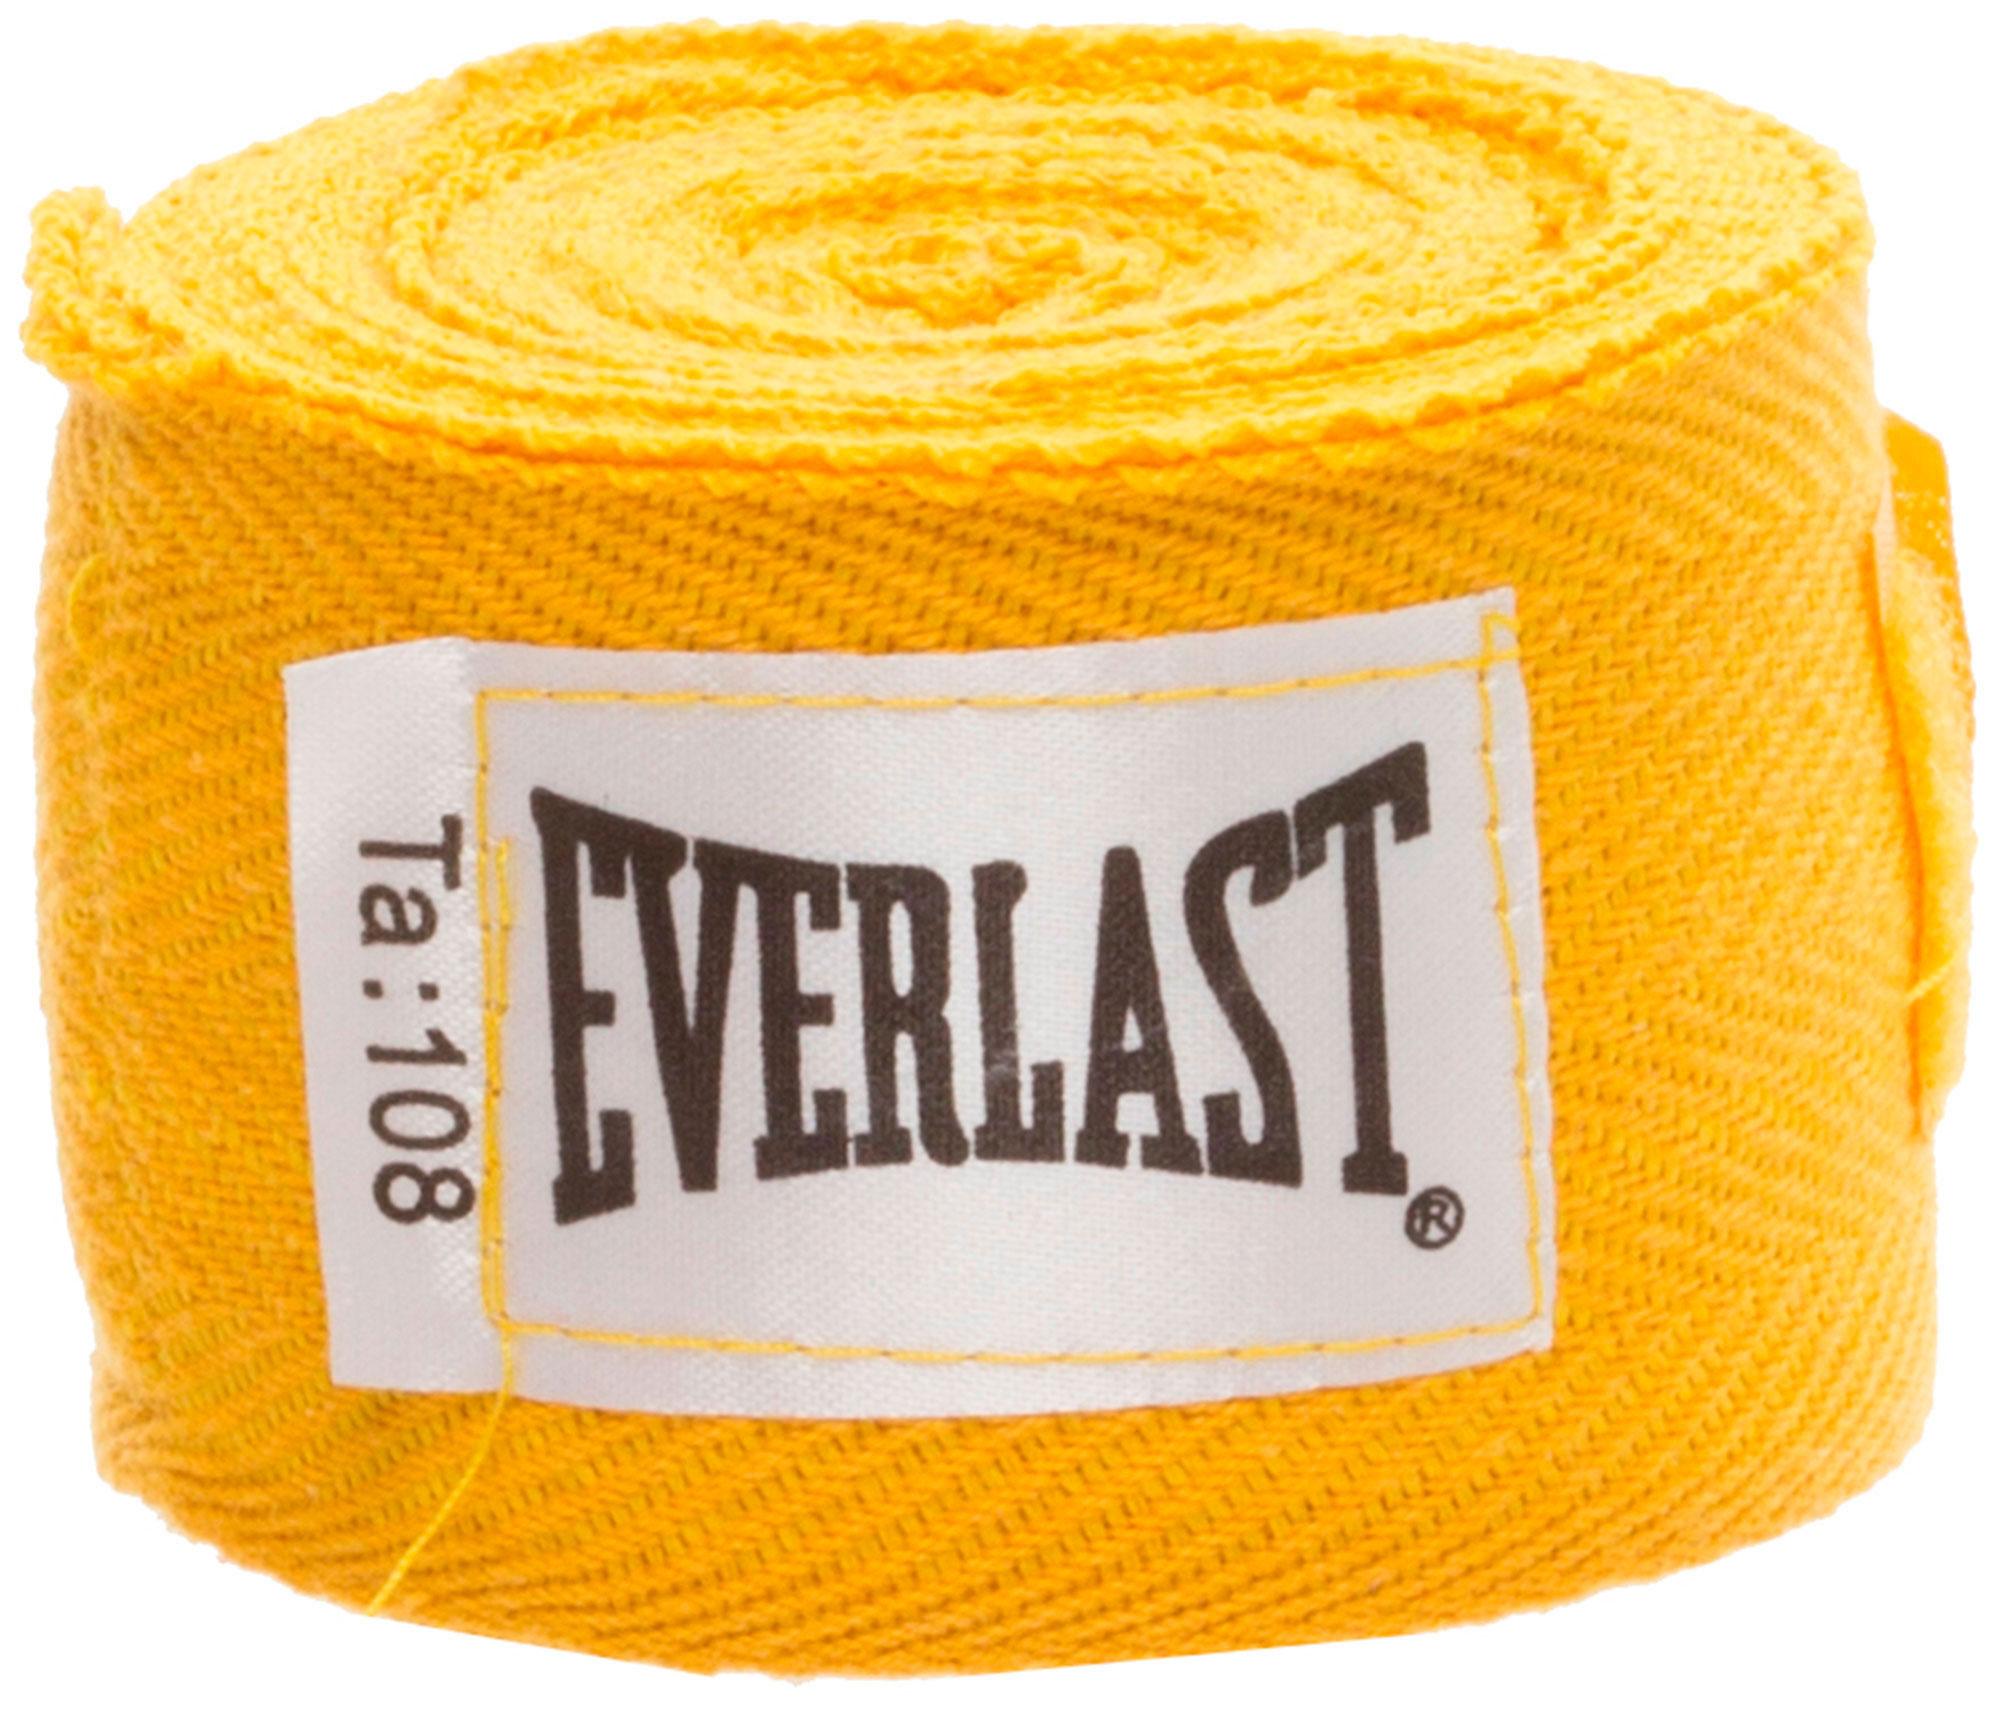 Everlast Бинт Everlast, 2,75 м, 2 шт. костюм спортивный everlast everlast ev001embgo06